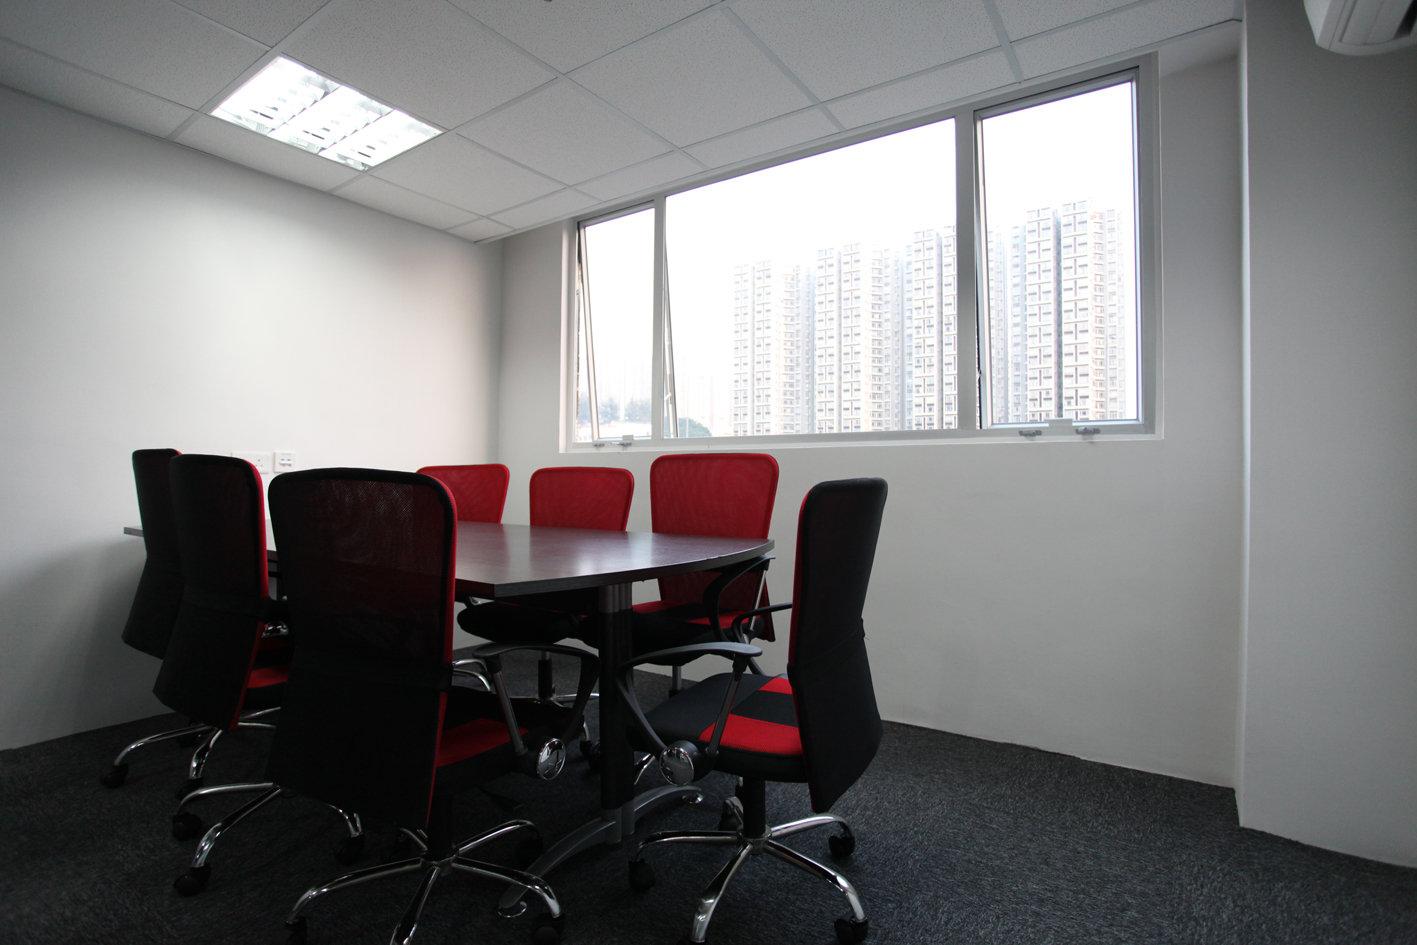 小會議室(7人)一般客戶